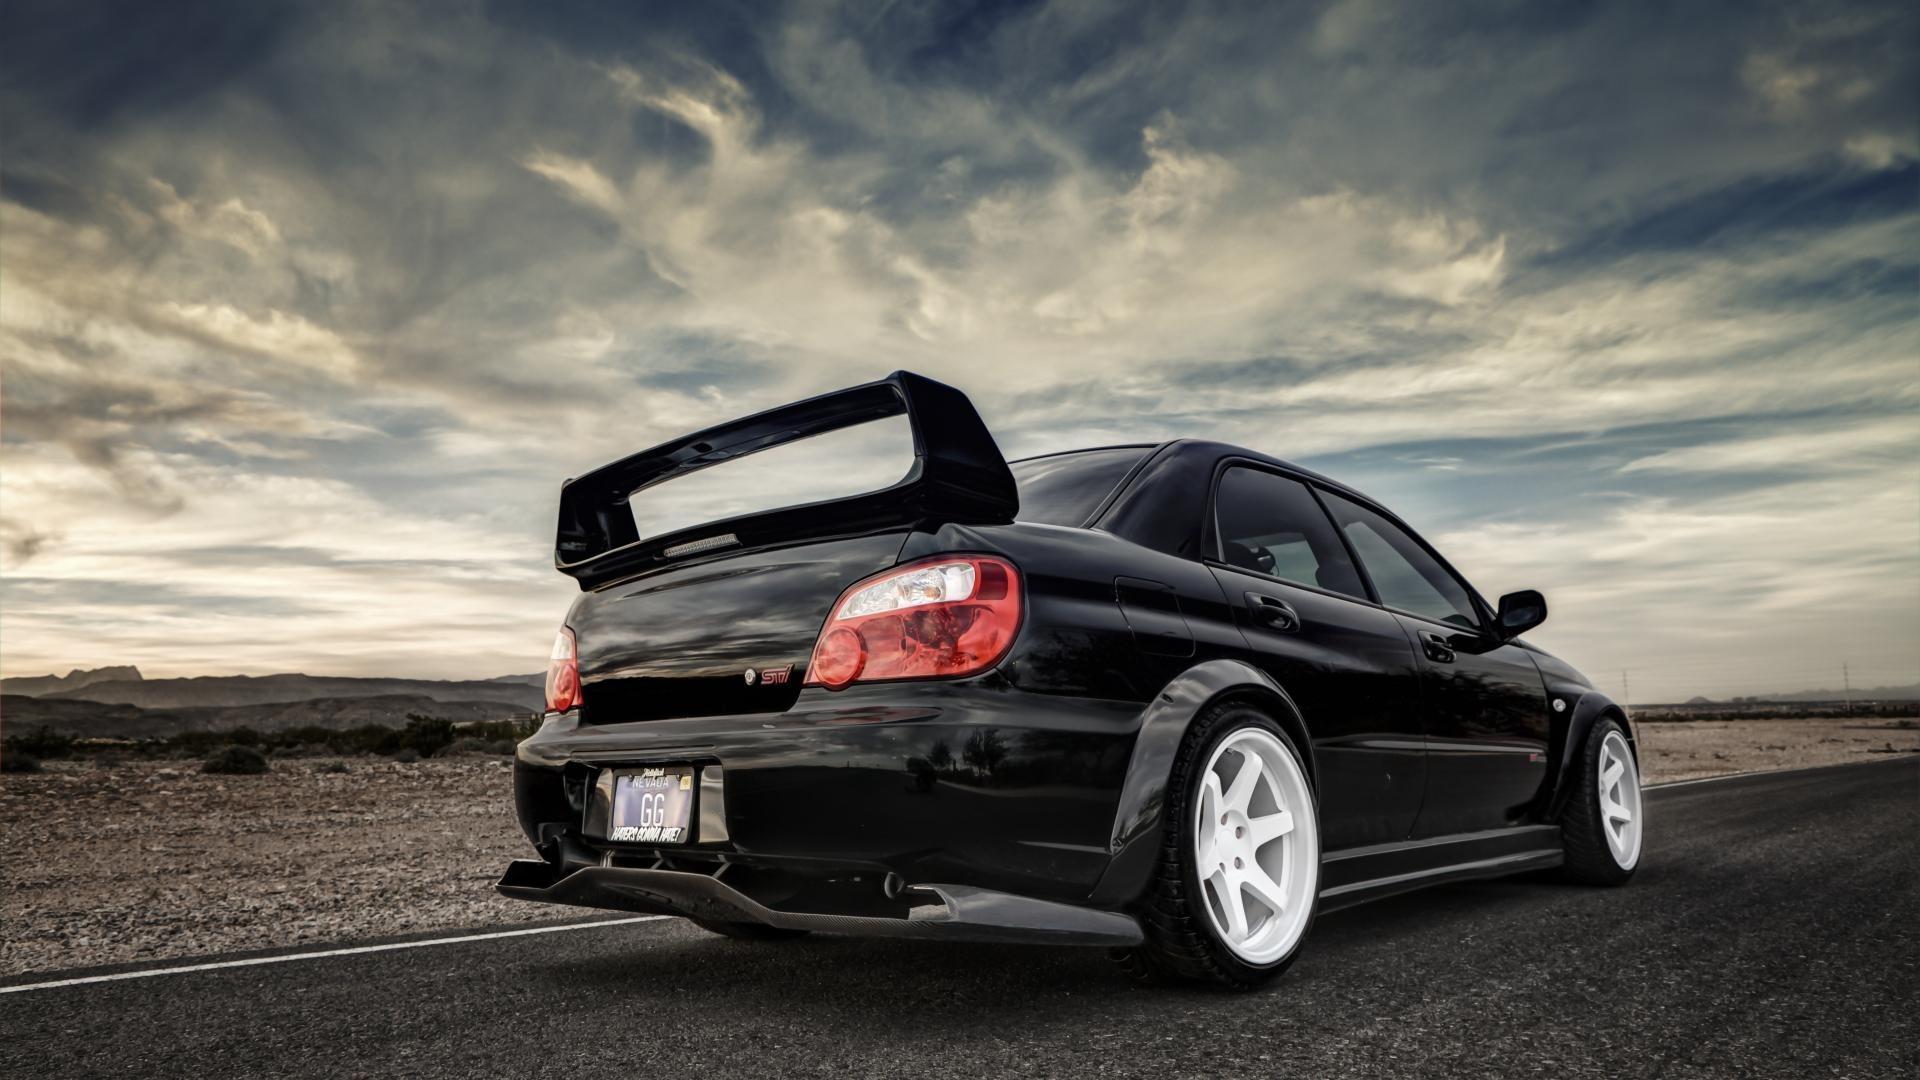 950+ Gambar Mobil Sedan Subaru HD Terbaik